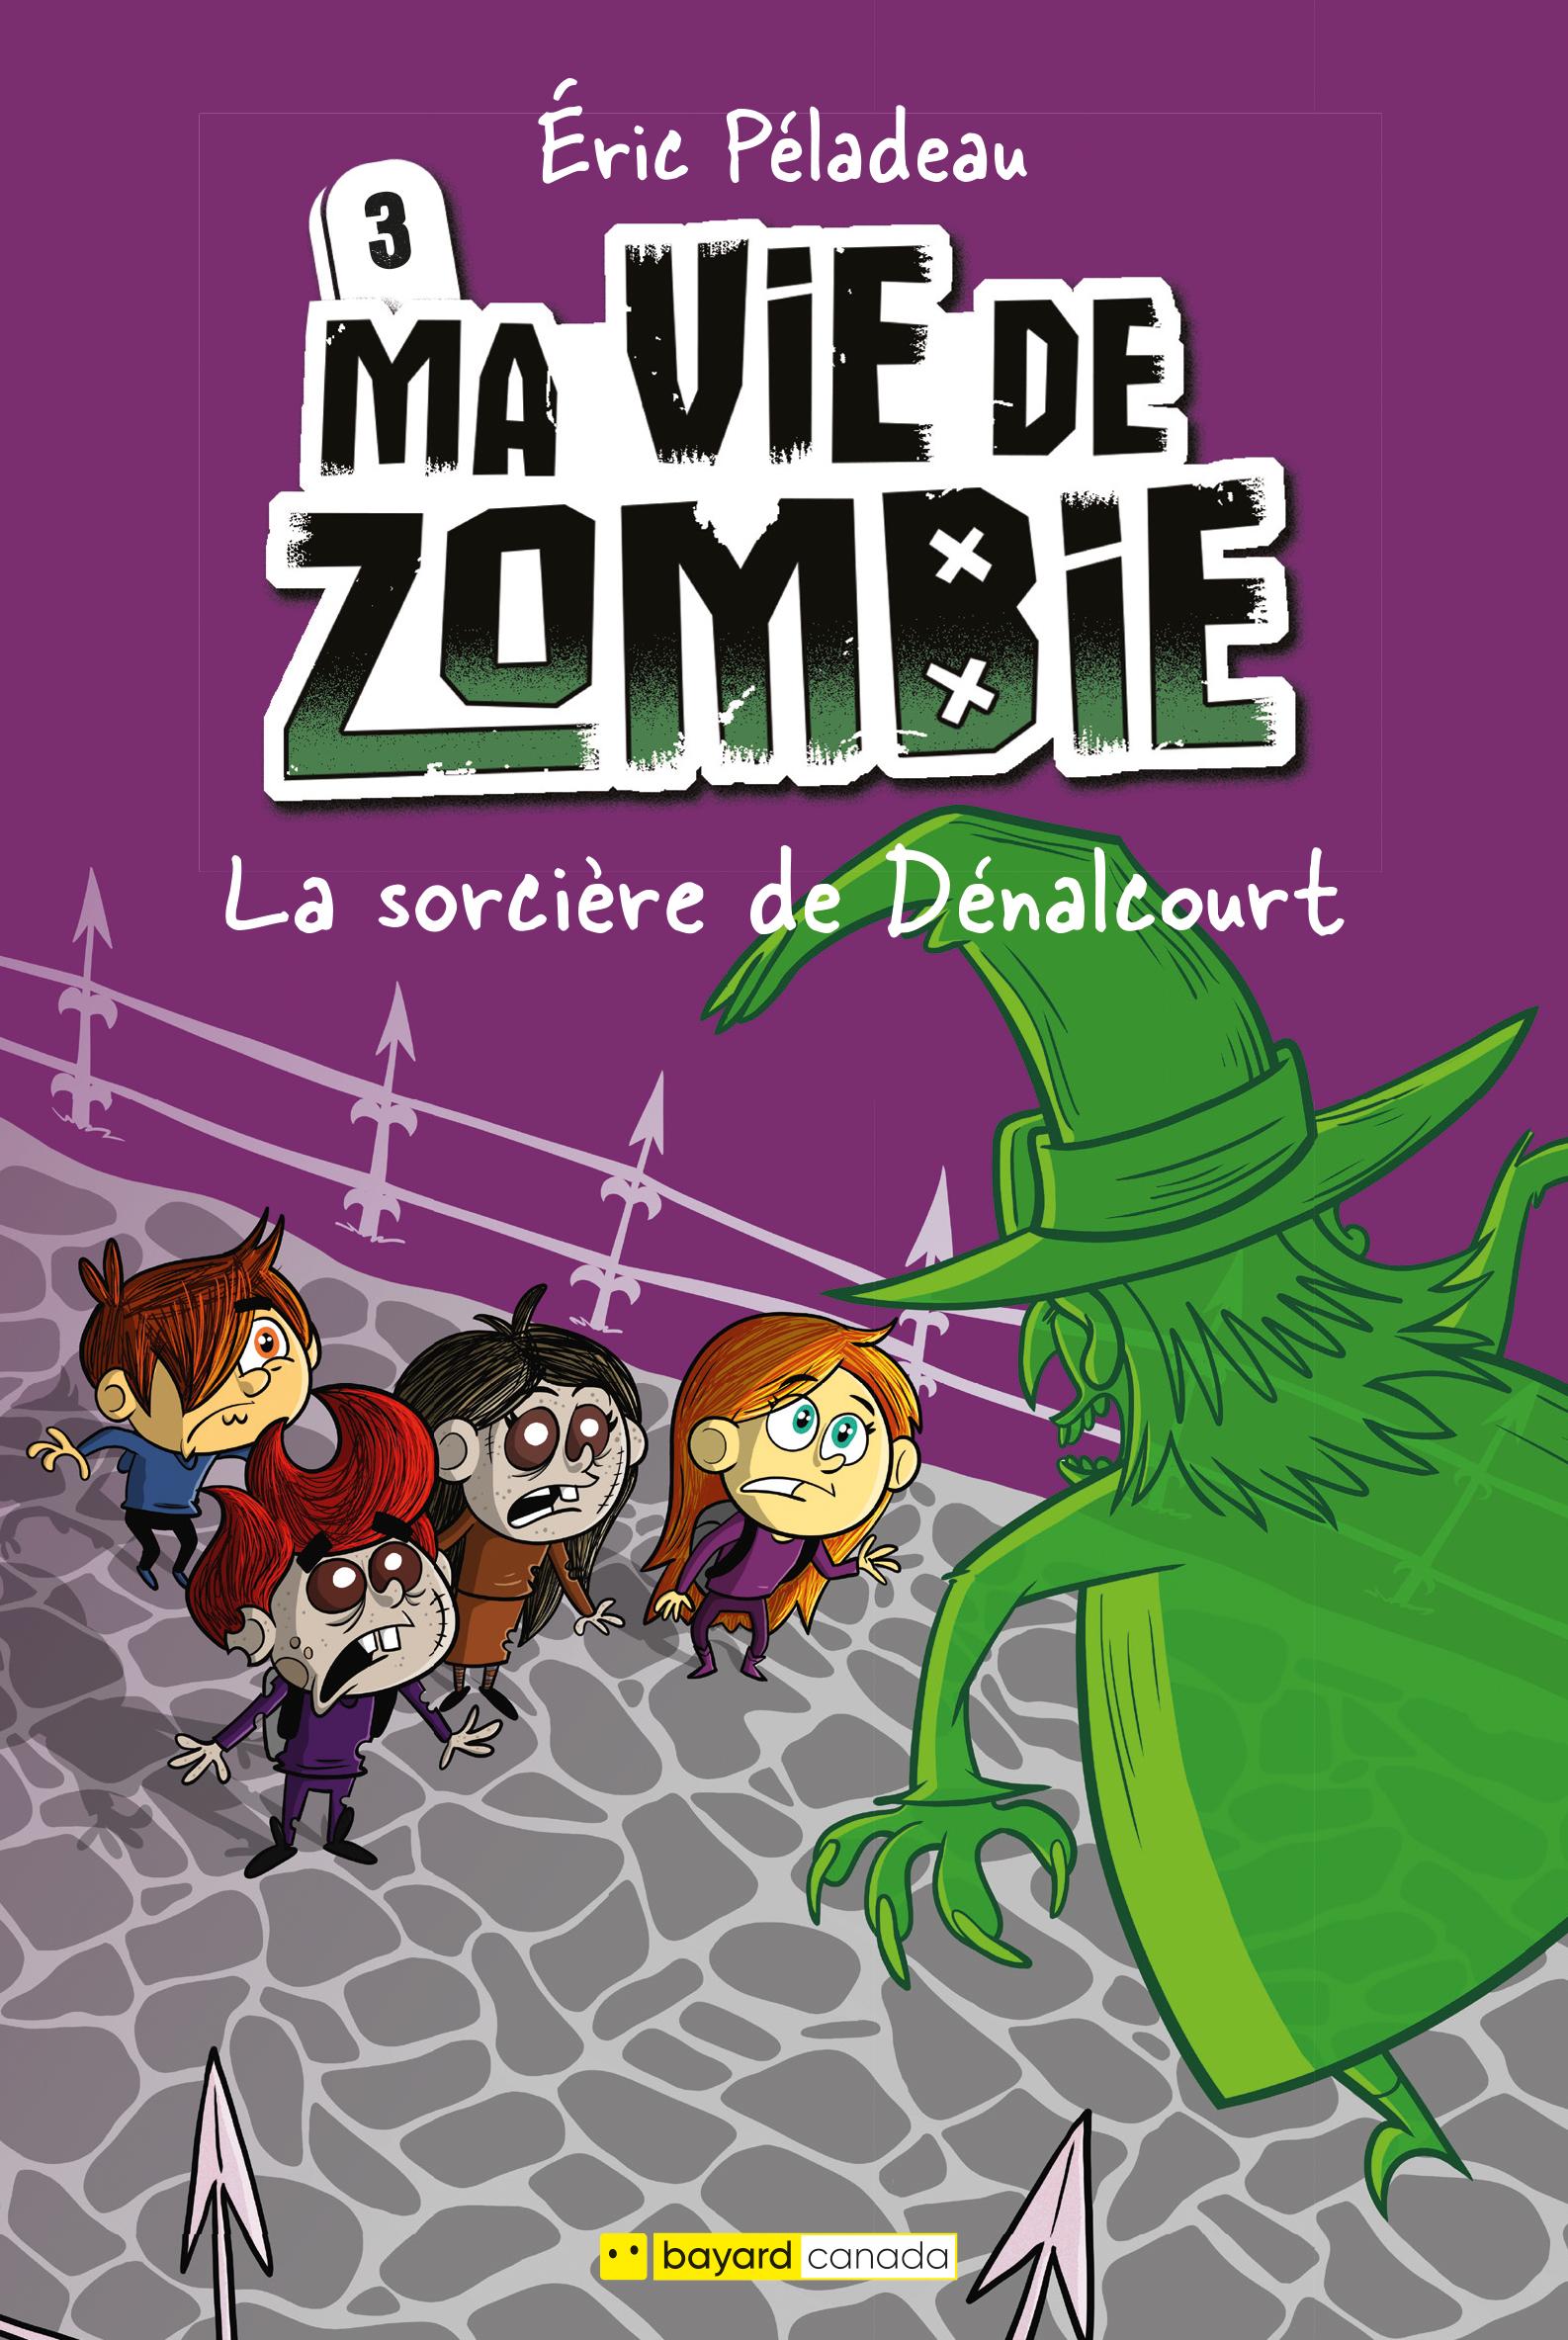 La sorcière de Dénalcourt